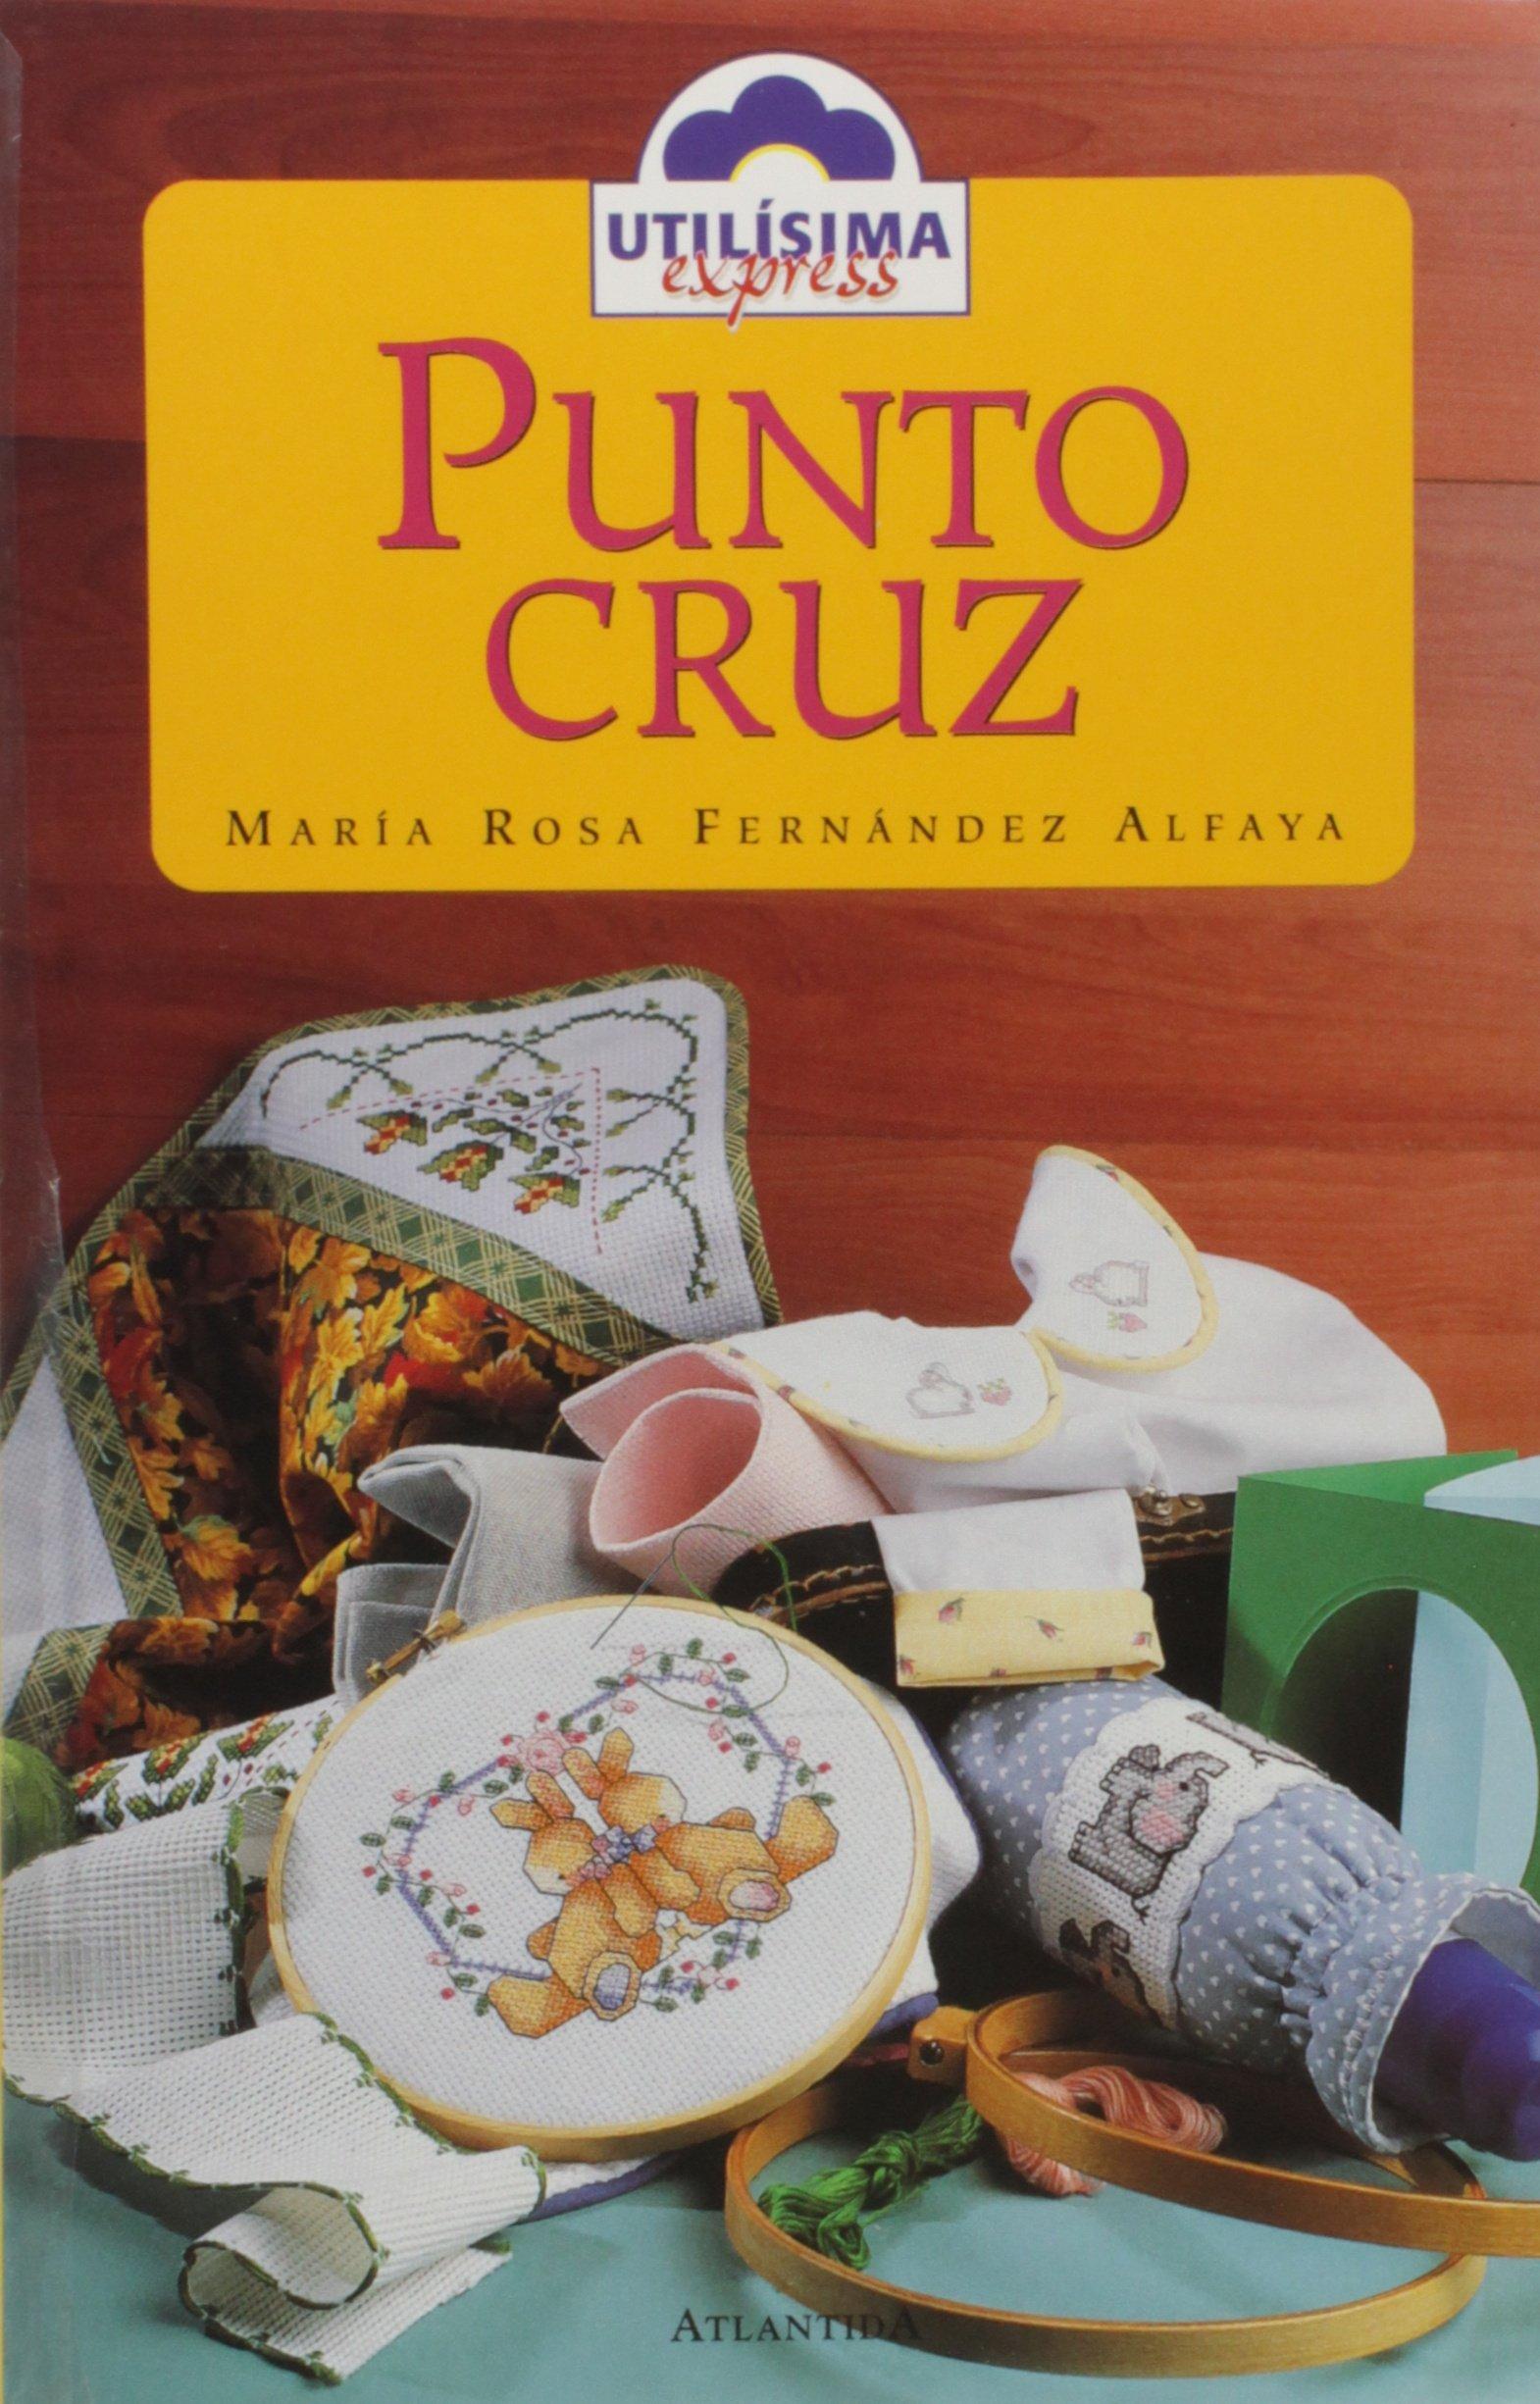 Punto cruz (Spanish) Paperback – July 31, 2000